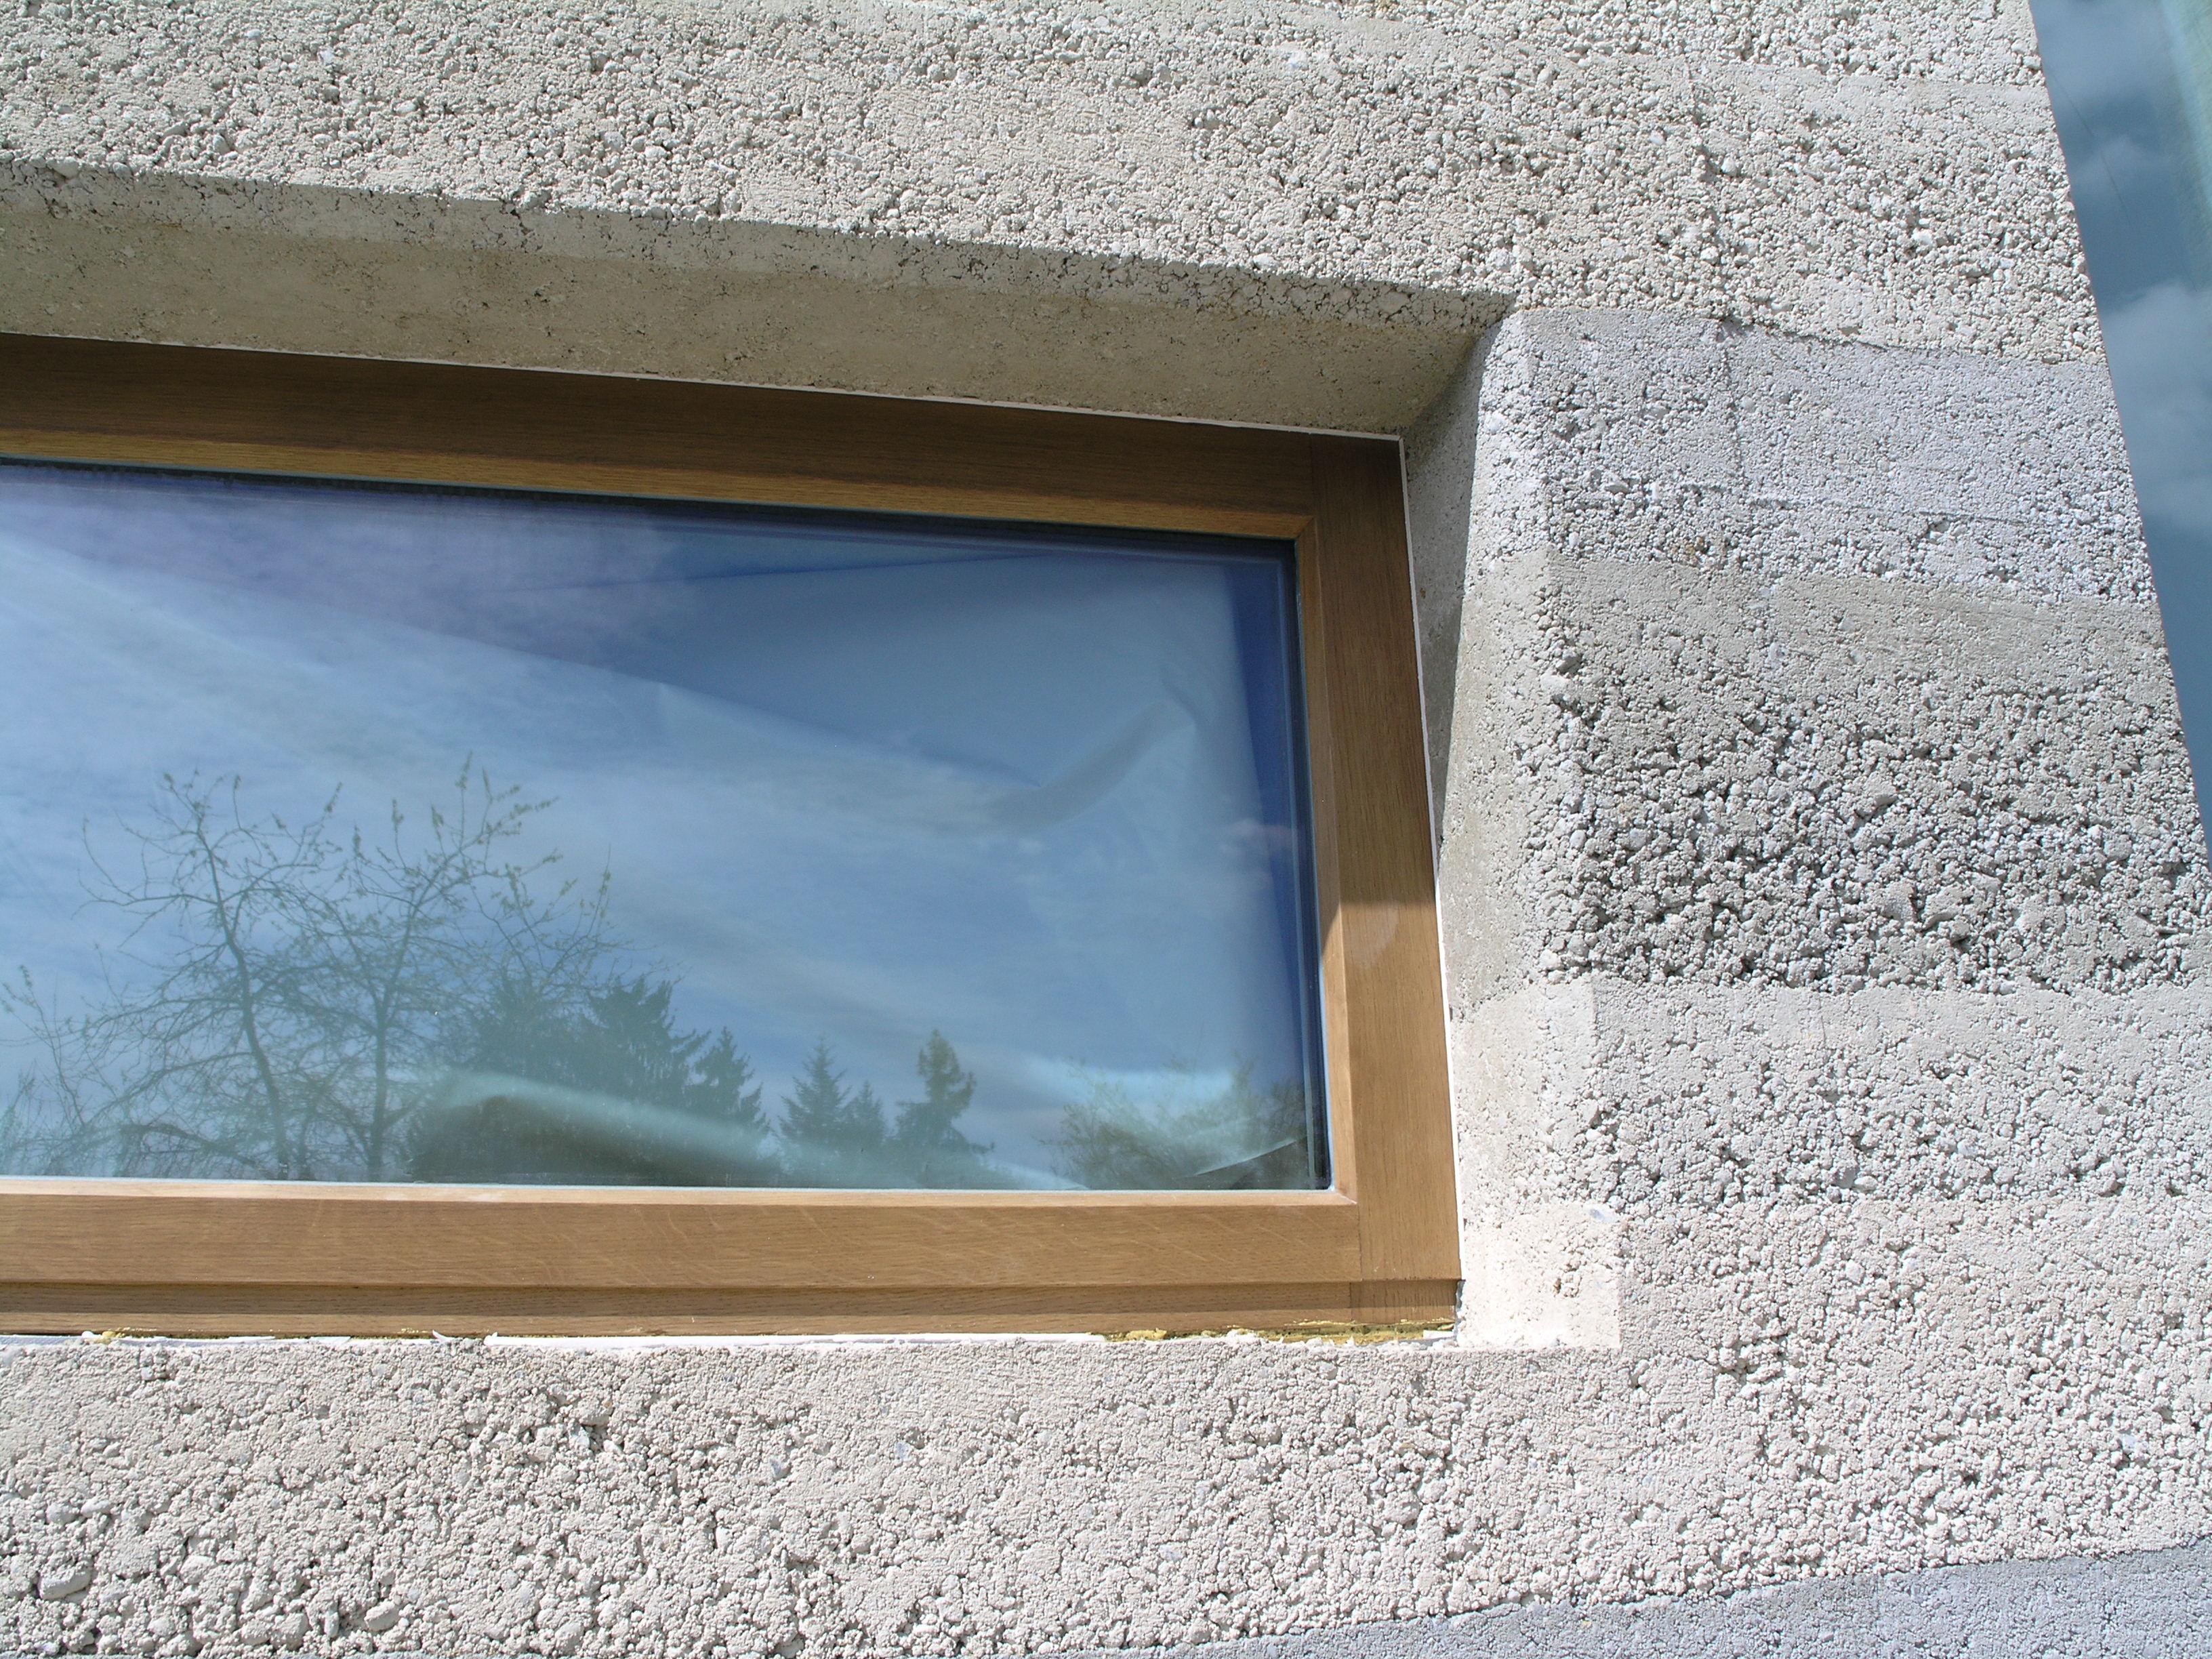 Schubert Wanddesign lehmdesign nachhaltig bauen mit lehm einfach lehmdesign